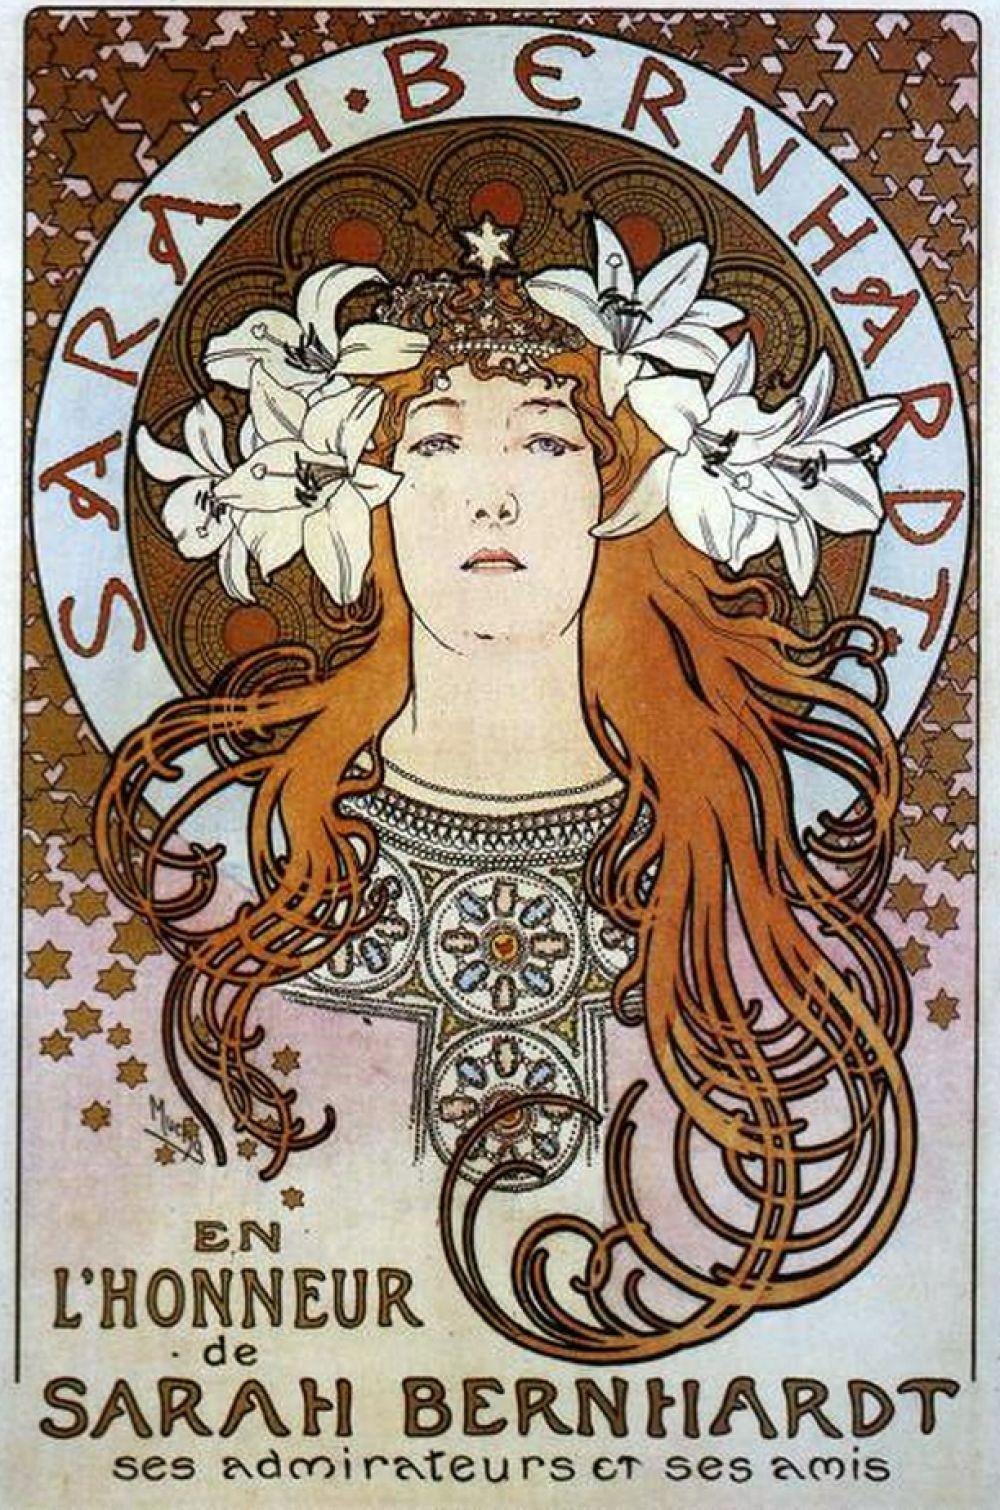 Сара Бернар на плакате Альфонса Мухи, 1896 год.